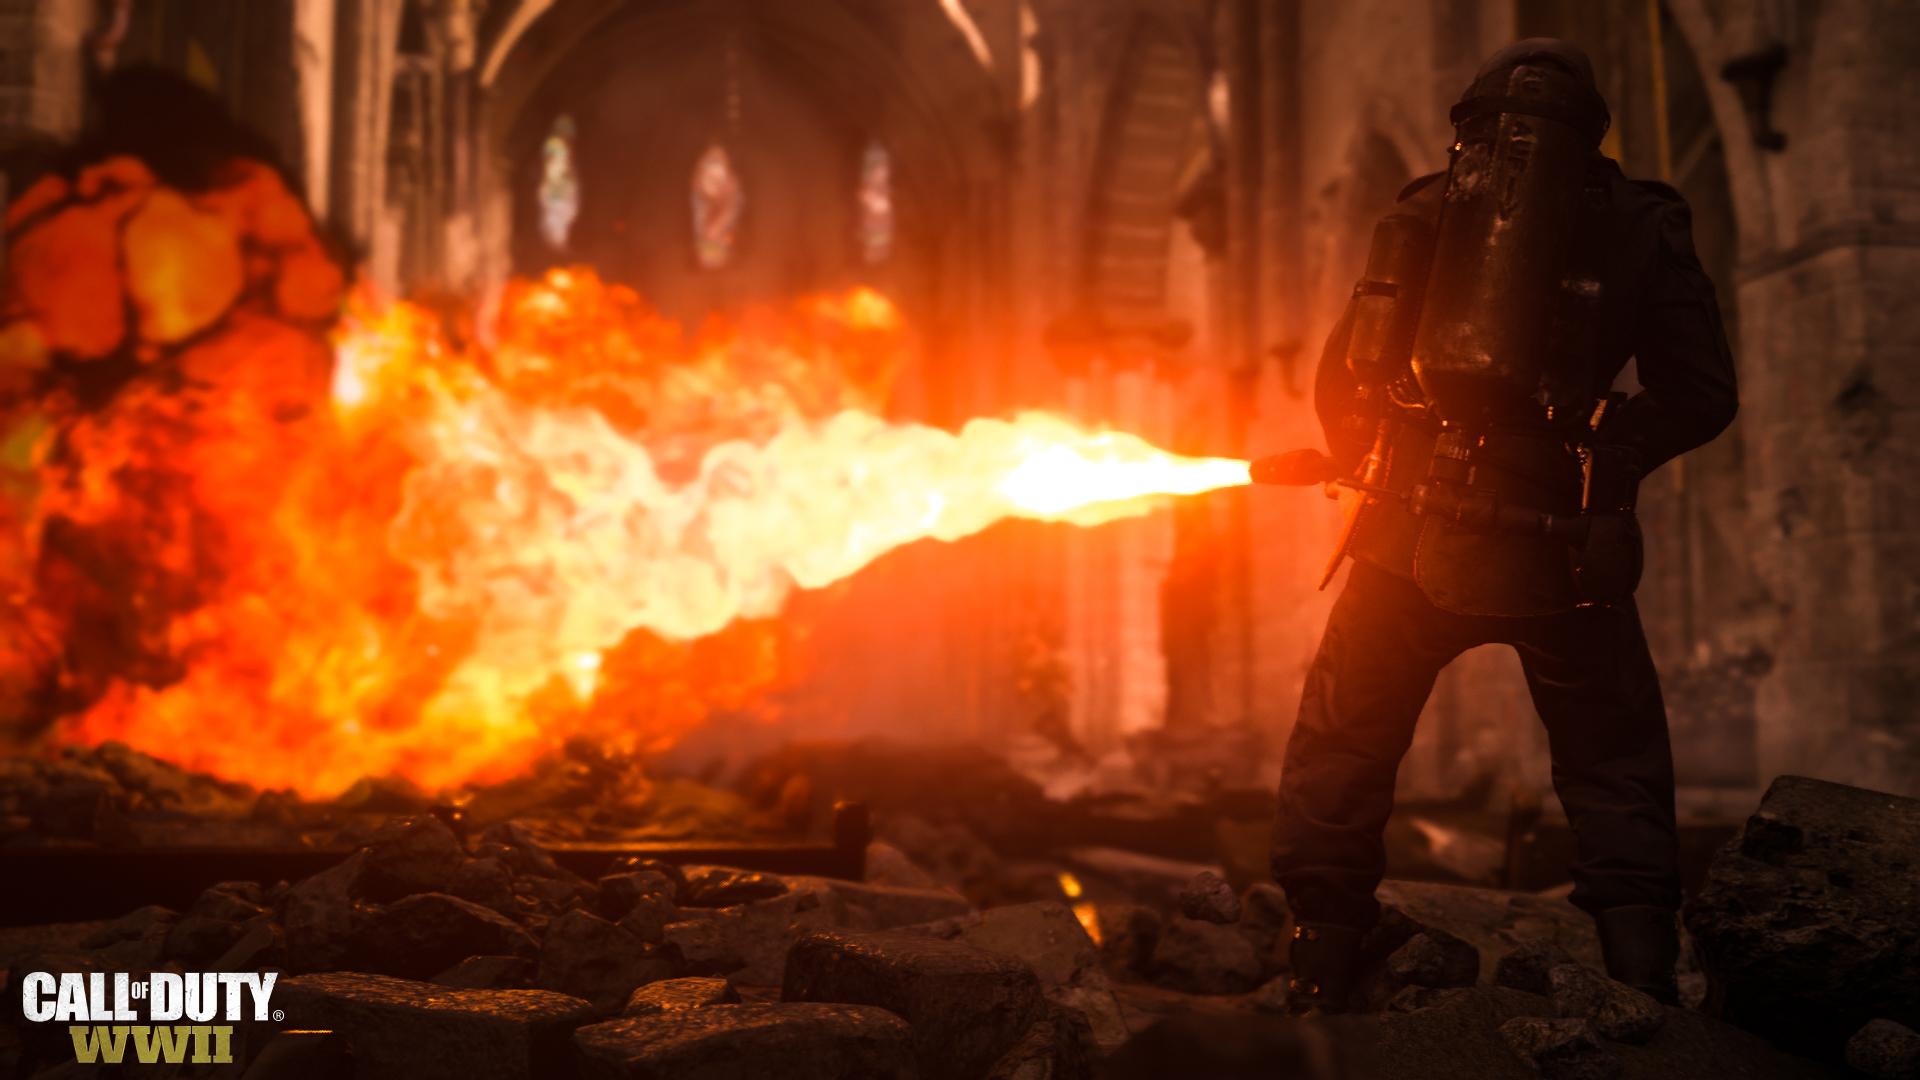 Tanková mise a zničitelné prostředí v Call of Duty: WWII 142901